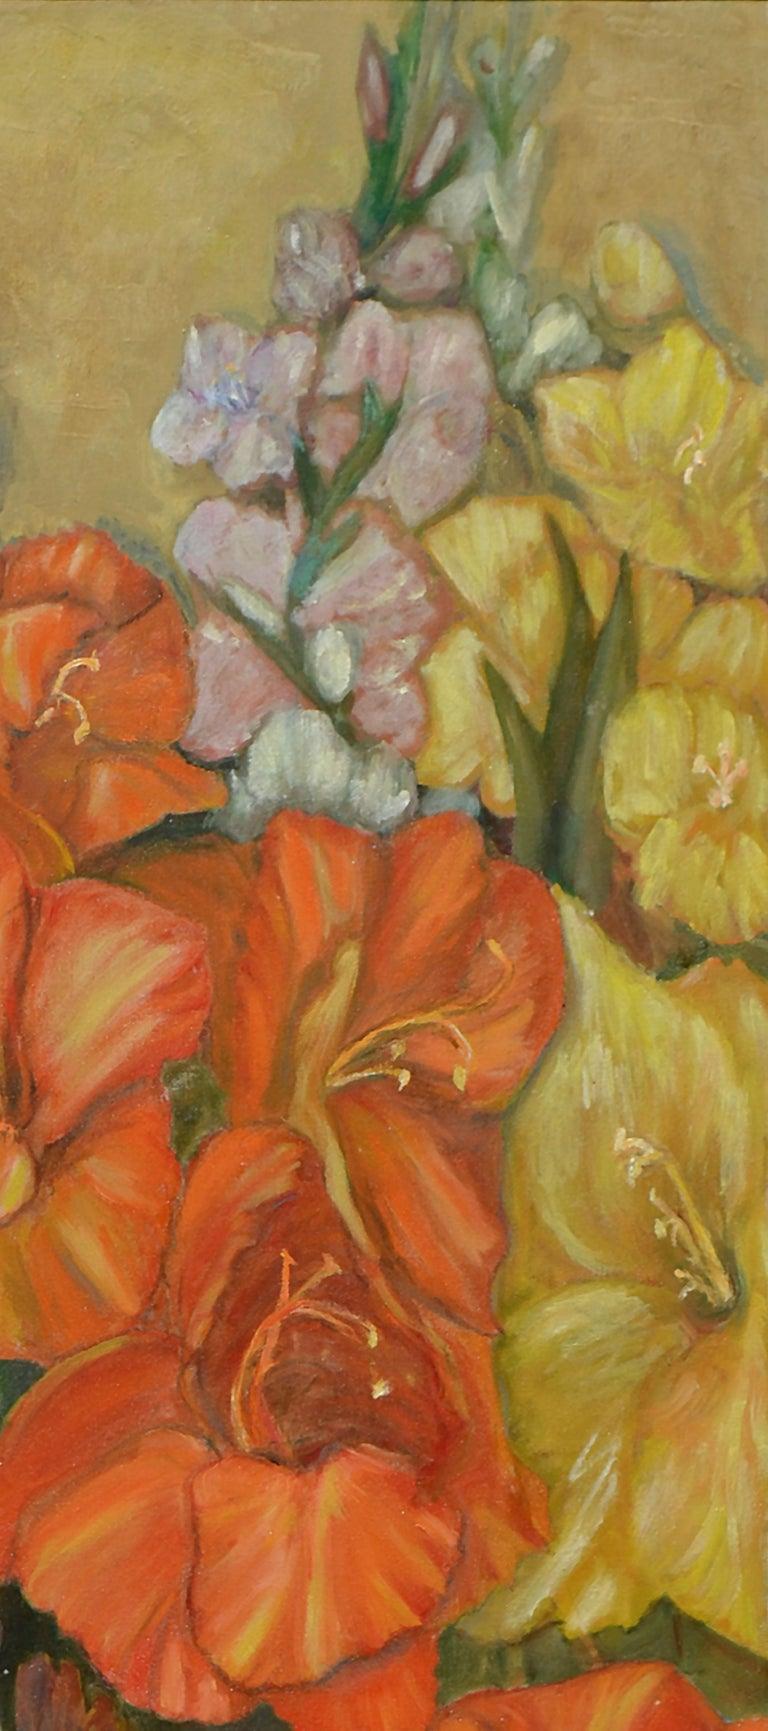 Gladiolas Floral Still Life - Brown Still-Life Painting by B Isbill